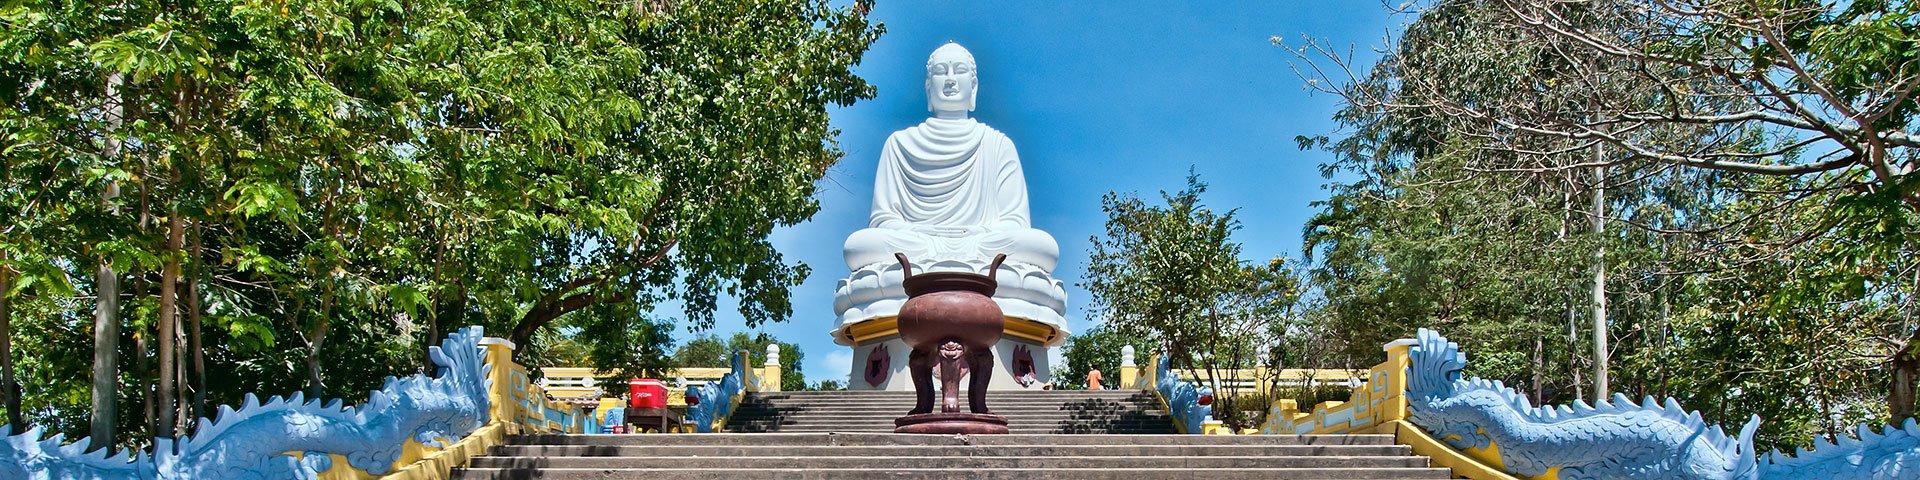 Buddha – Nga Trang Vietnam